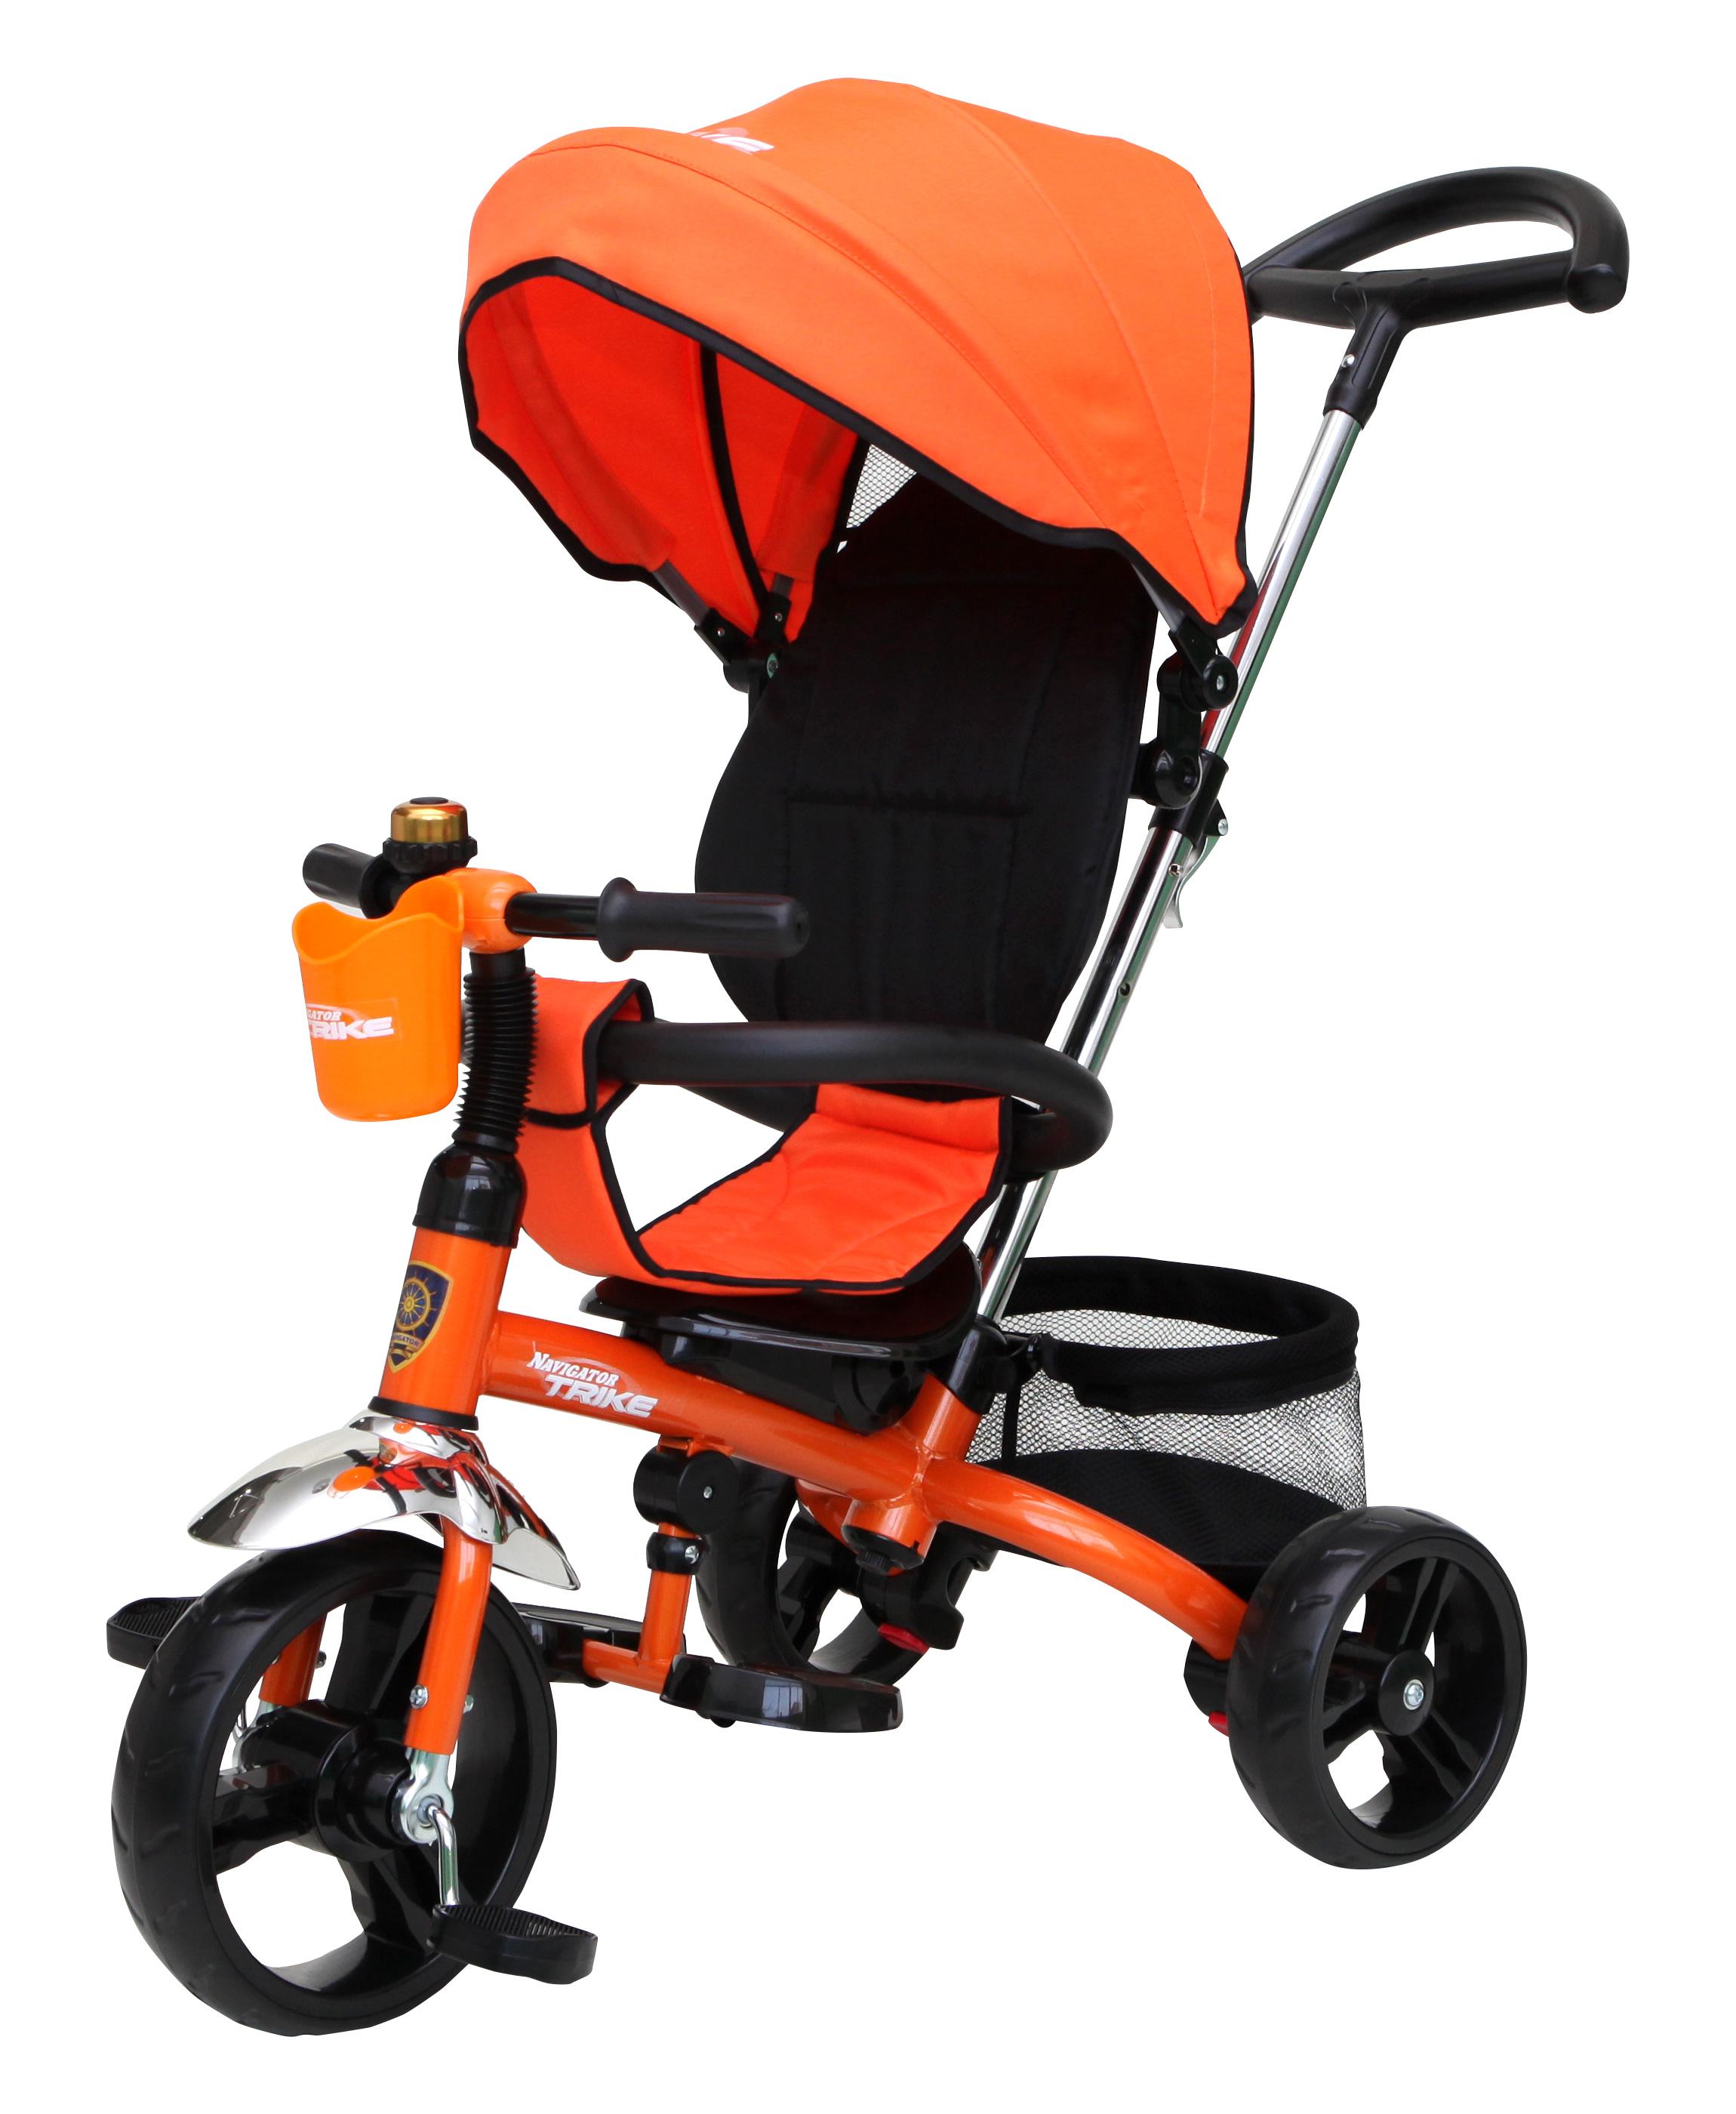 Navigator Трехколесный велосипед Lexus цвет черный оранжевый велосипед stels navigator 310 2016